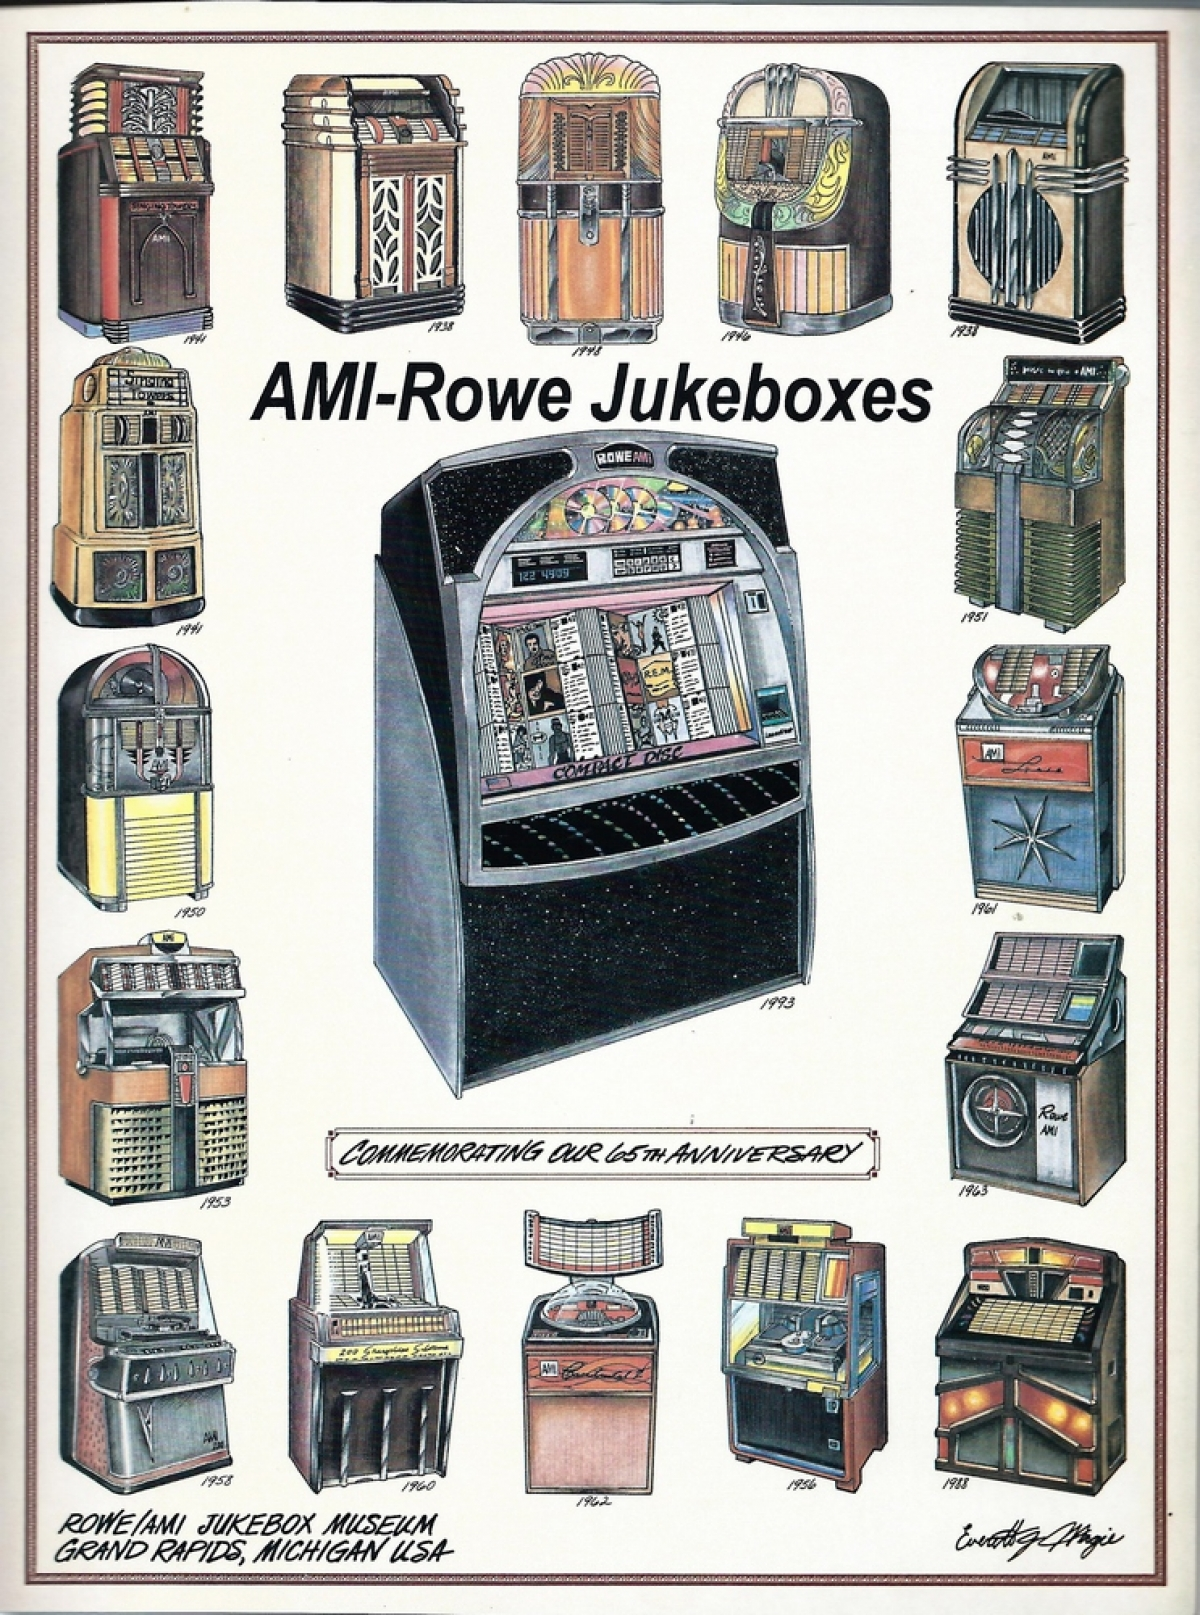 AMi Rowe Jukeboxes